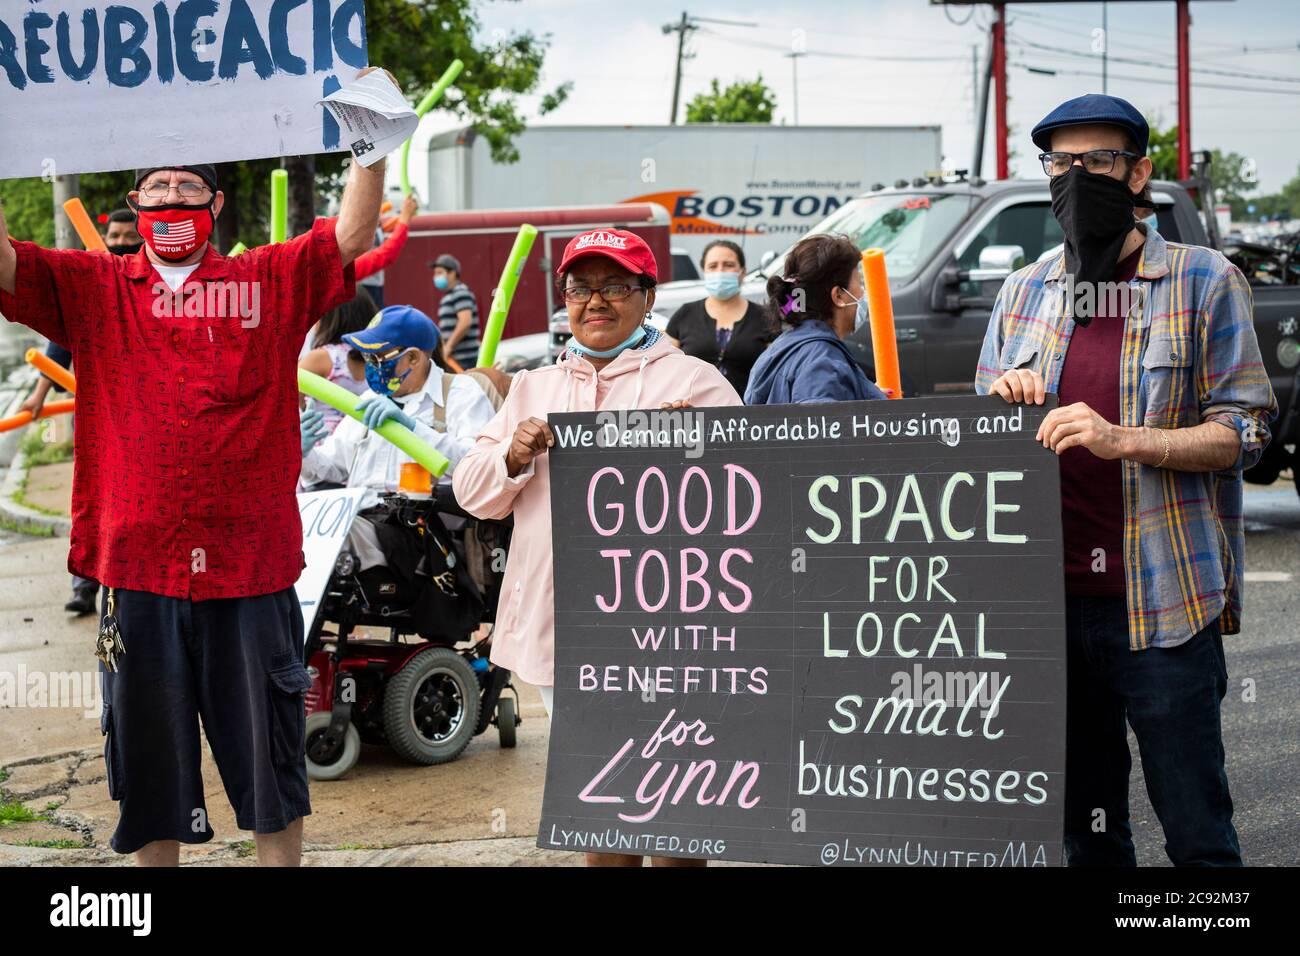 28 de junio de 2020. Lynn, MA. La Asociación de Comerciantes de Lynn Way protesta en el LynnMart. Un desfile llamado el Cancelar desalojos Caravan condujo por 24 AP Foto de stock